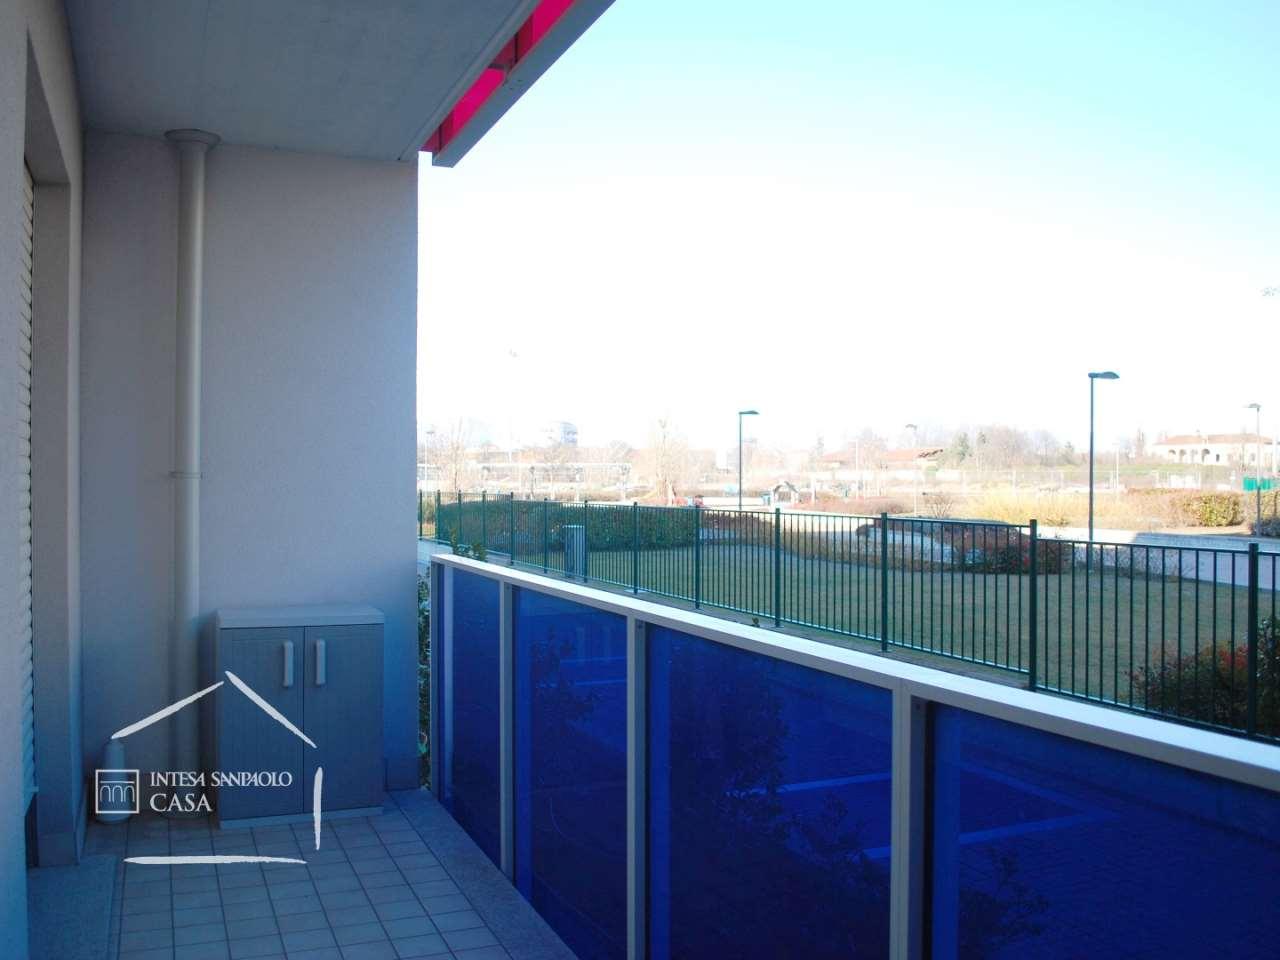 Pannelli Solari Termici Da Balcone appartamento in vendita a grugliasco - rif. 27286 | intesa